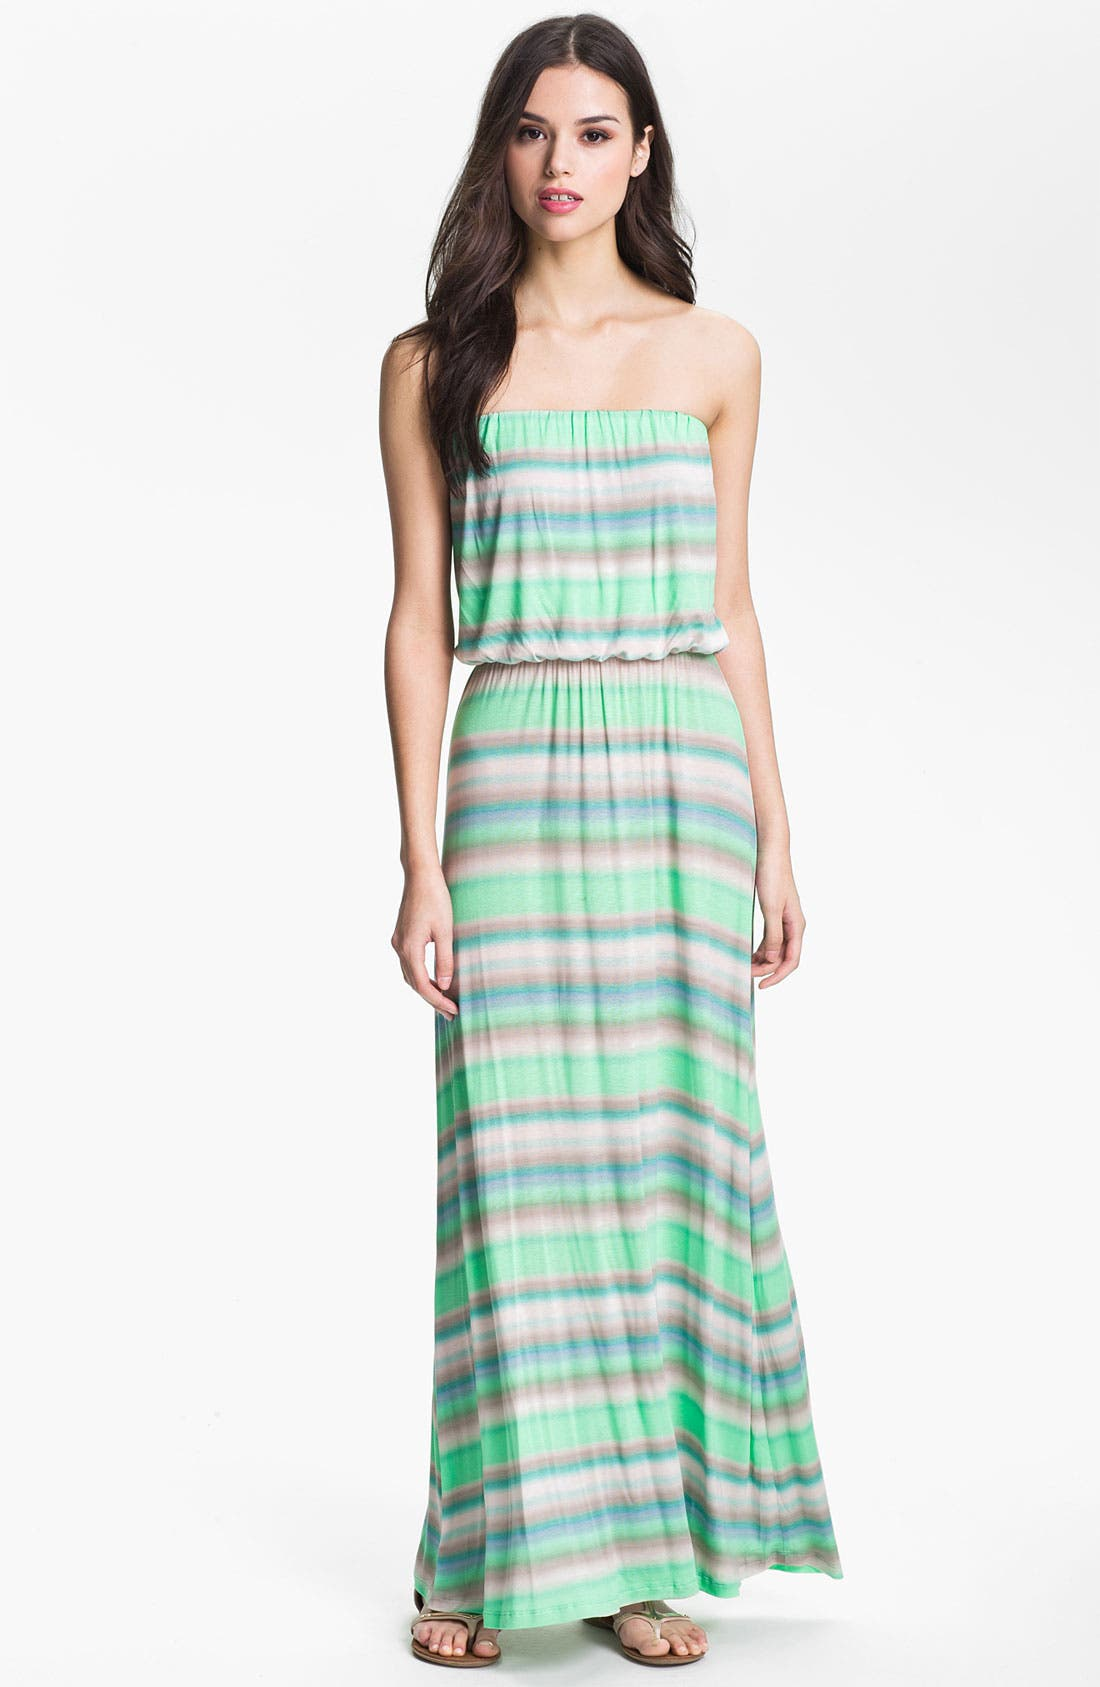 Alternate Image 1 Selected - Velvet by Graham & Spencer Stripe Blouson Knit Tube Dress